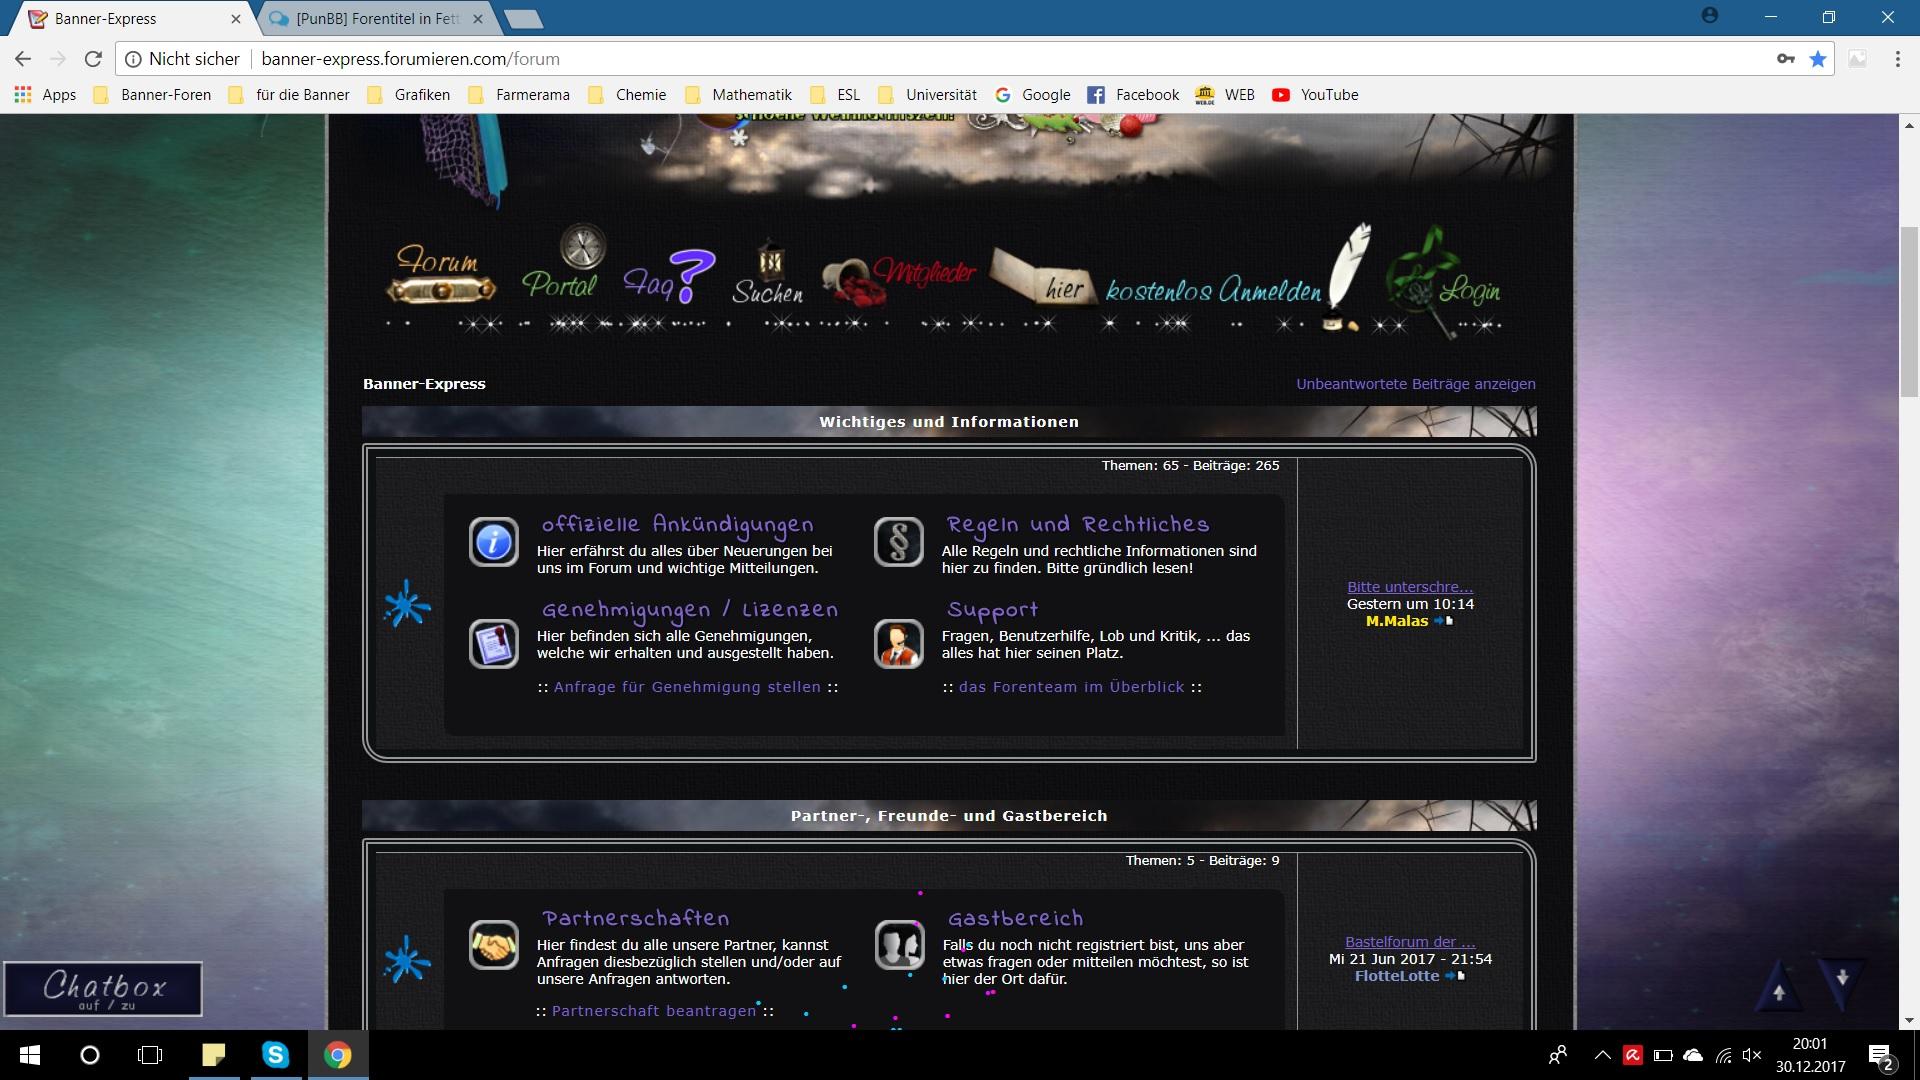 [phpBB2]Forenstruktur durch Firefox verzerrt Forumchromeemrfh